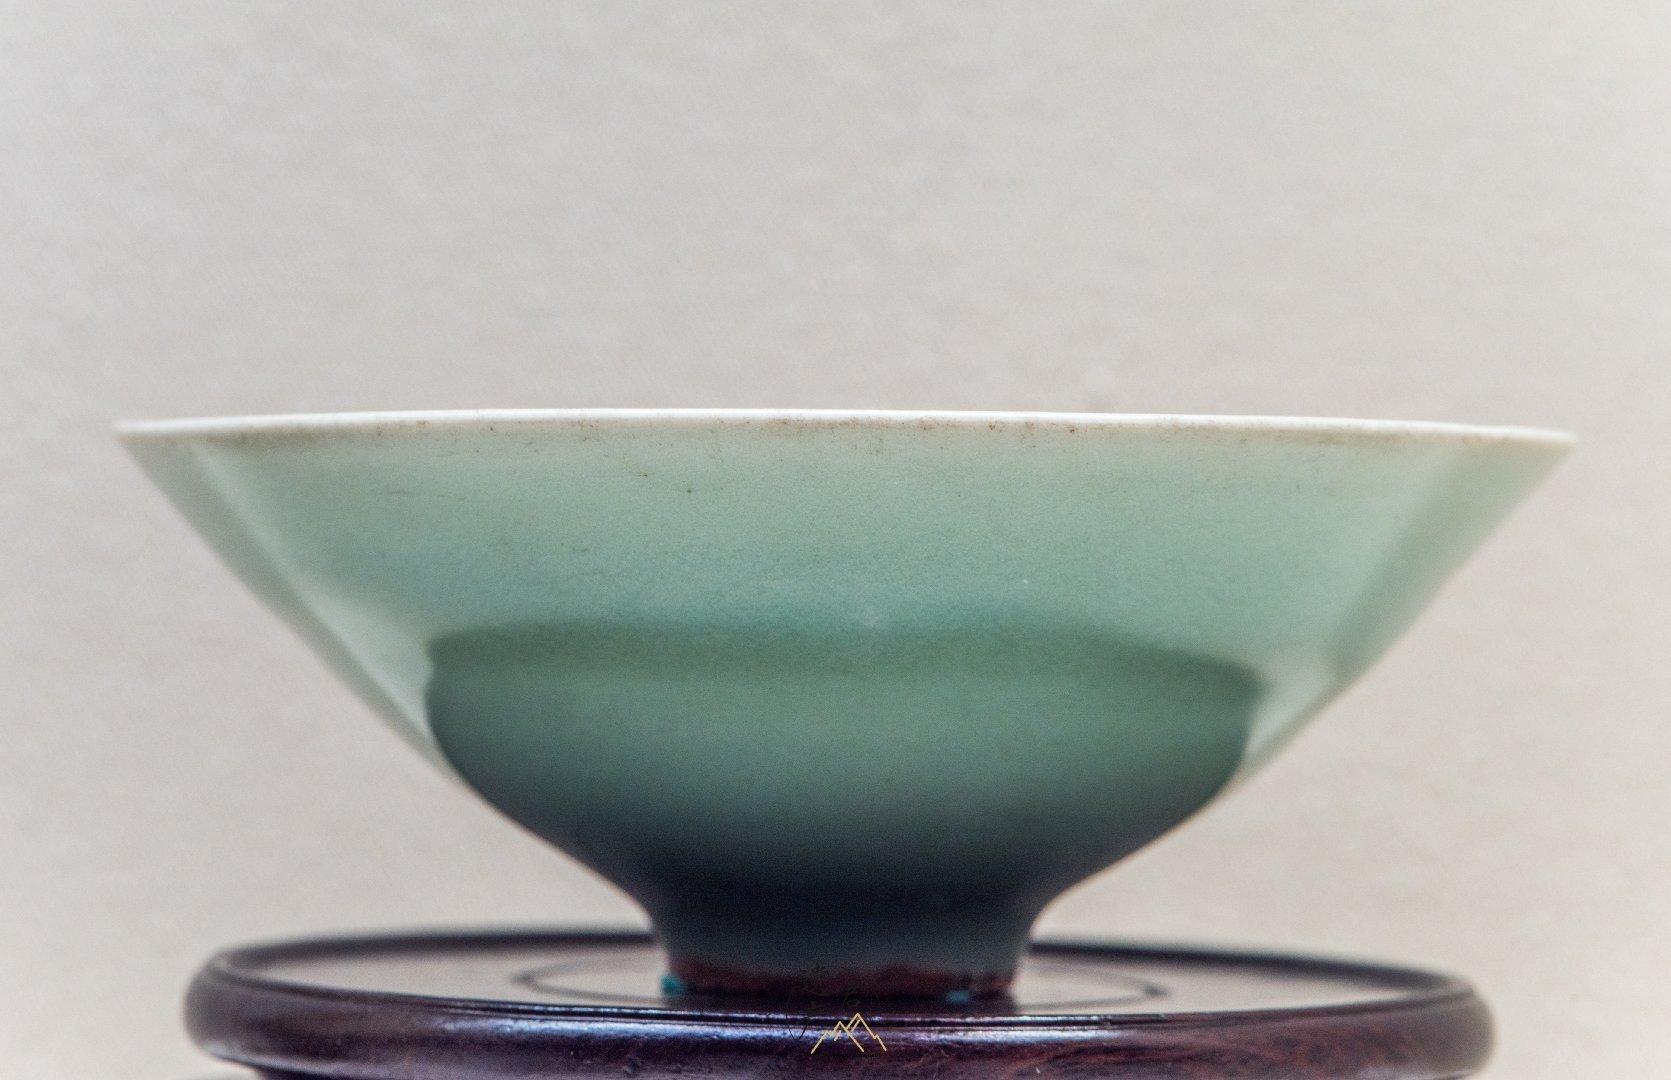 浙江省博物馆藏· 南宋龙泉窑青釉斗笠碗